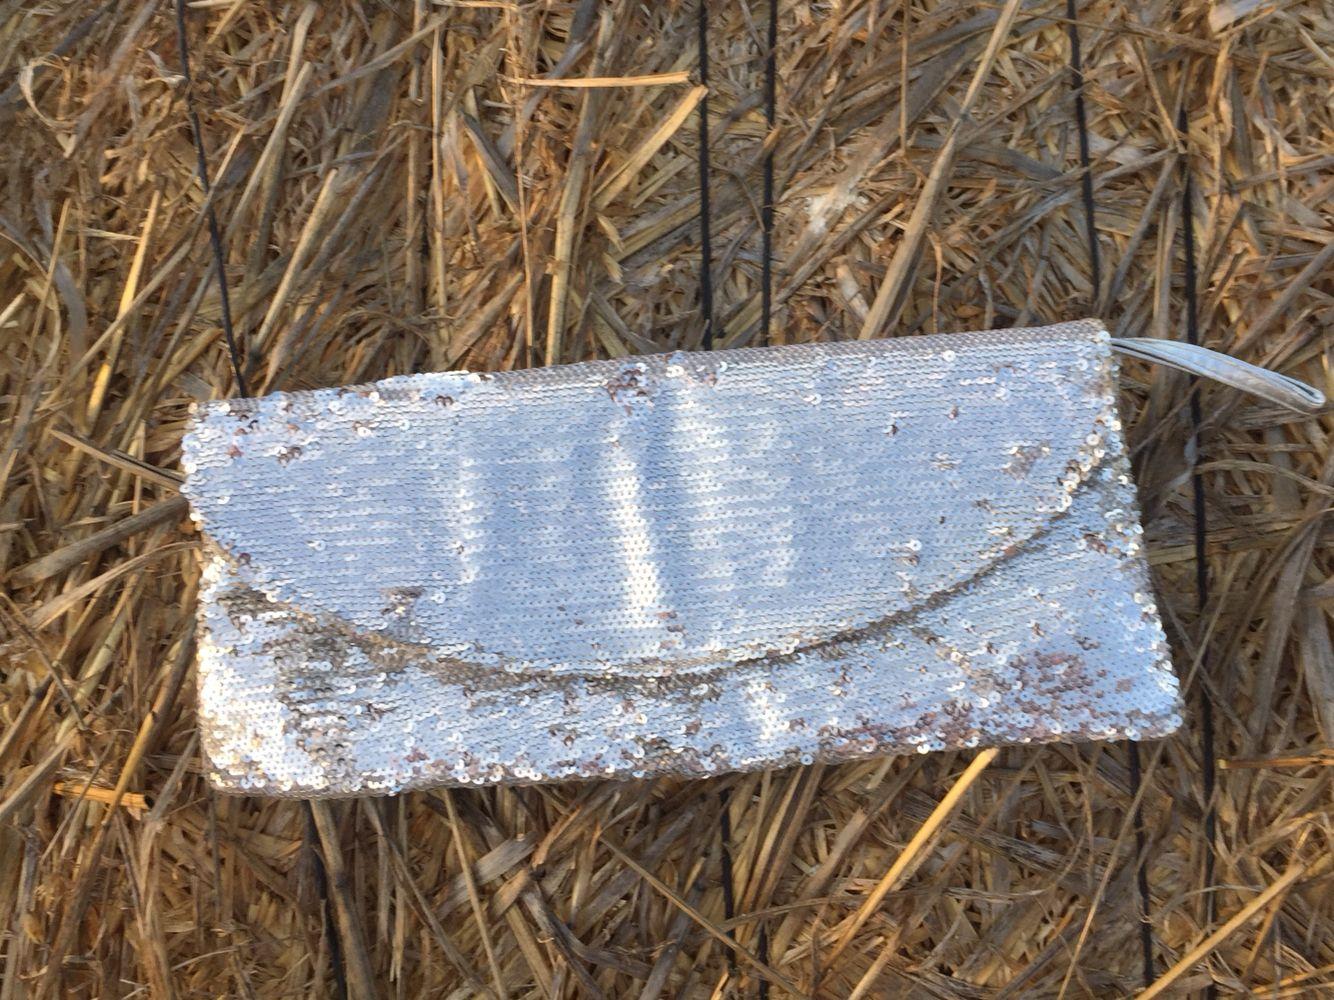 Cartera plata ••• Silver bag